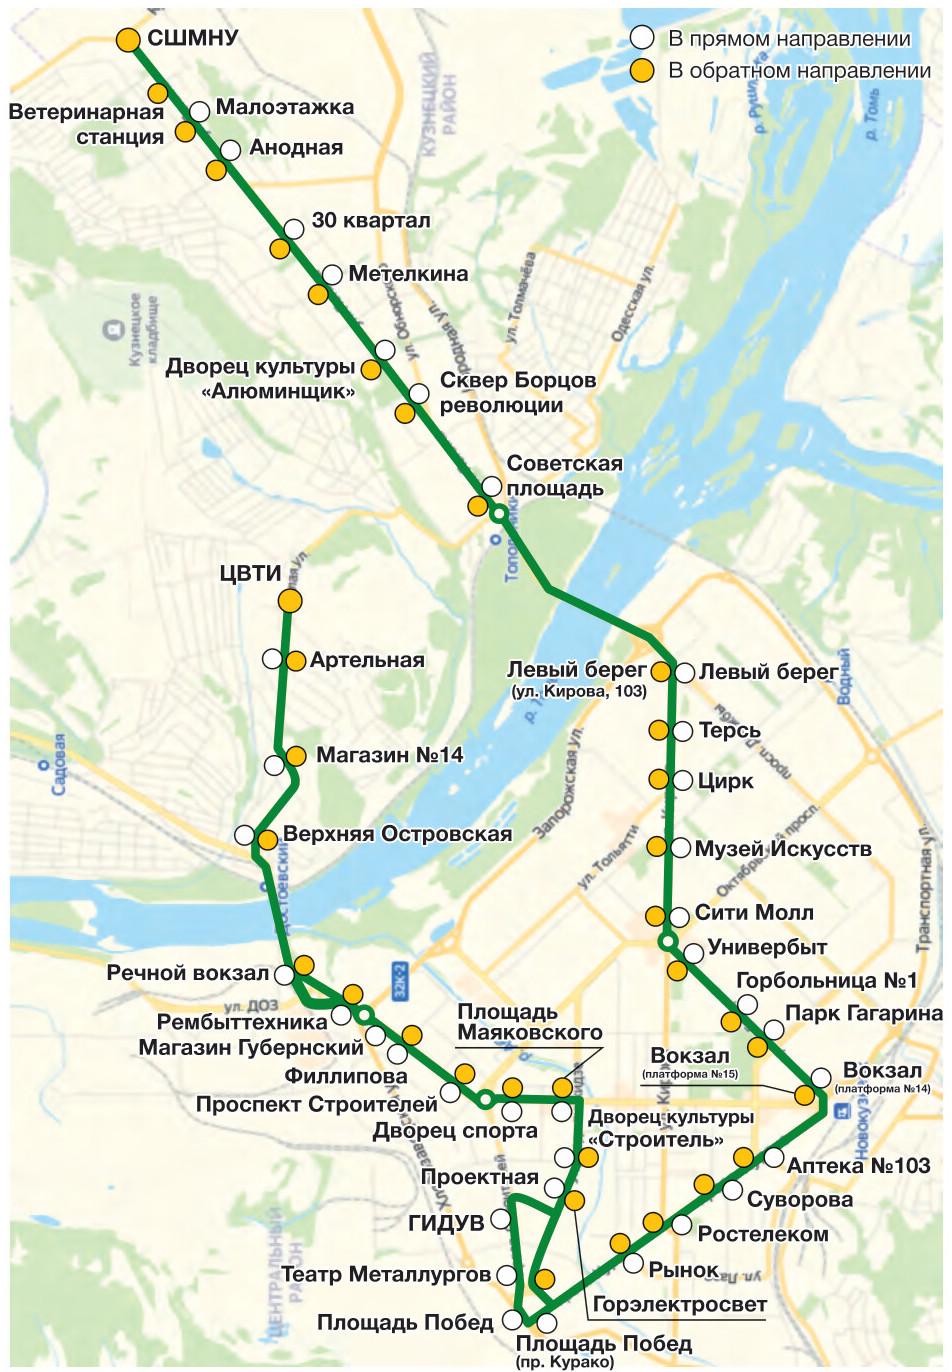 Автобус №88  СШМНУ - ЦВТИ | Расписание и маршрут движения